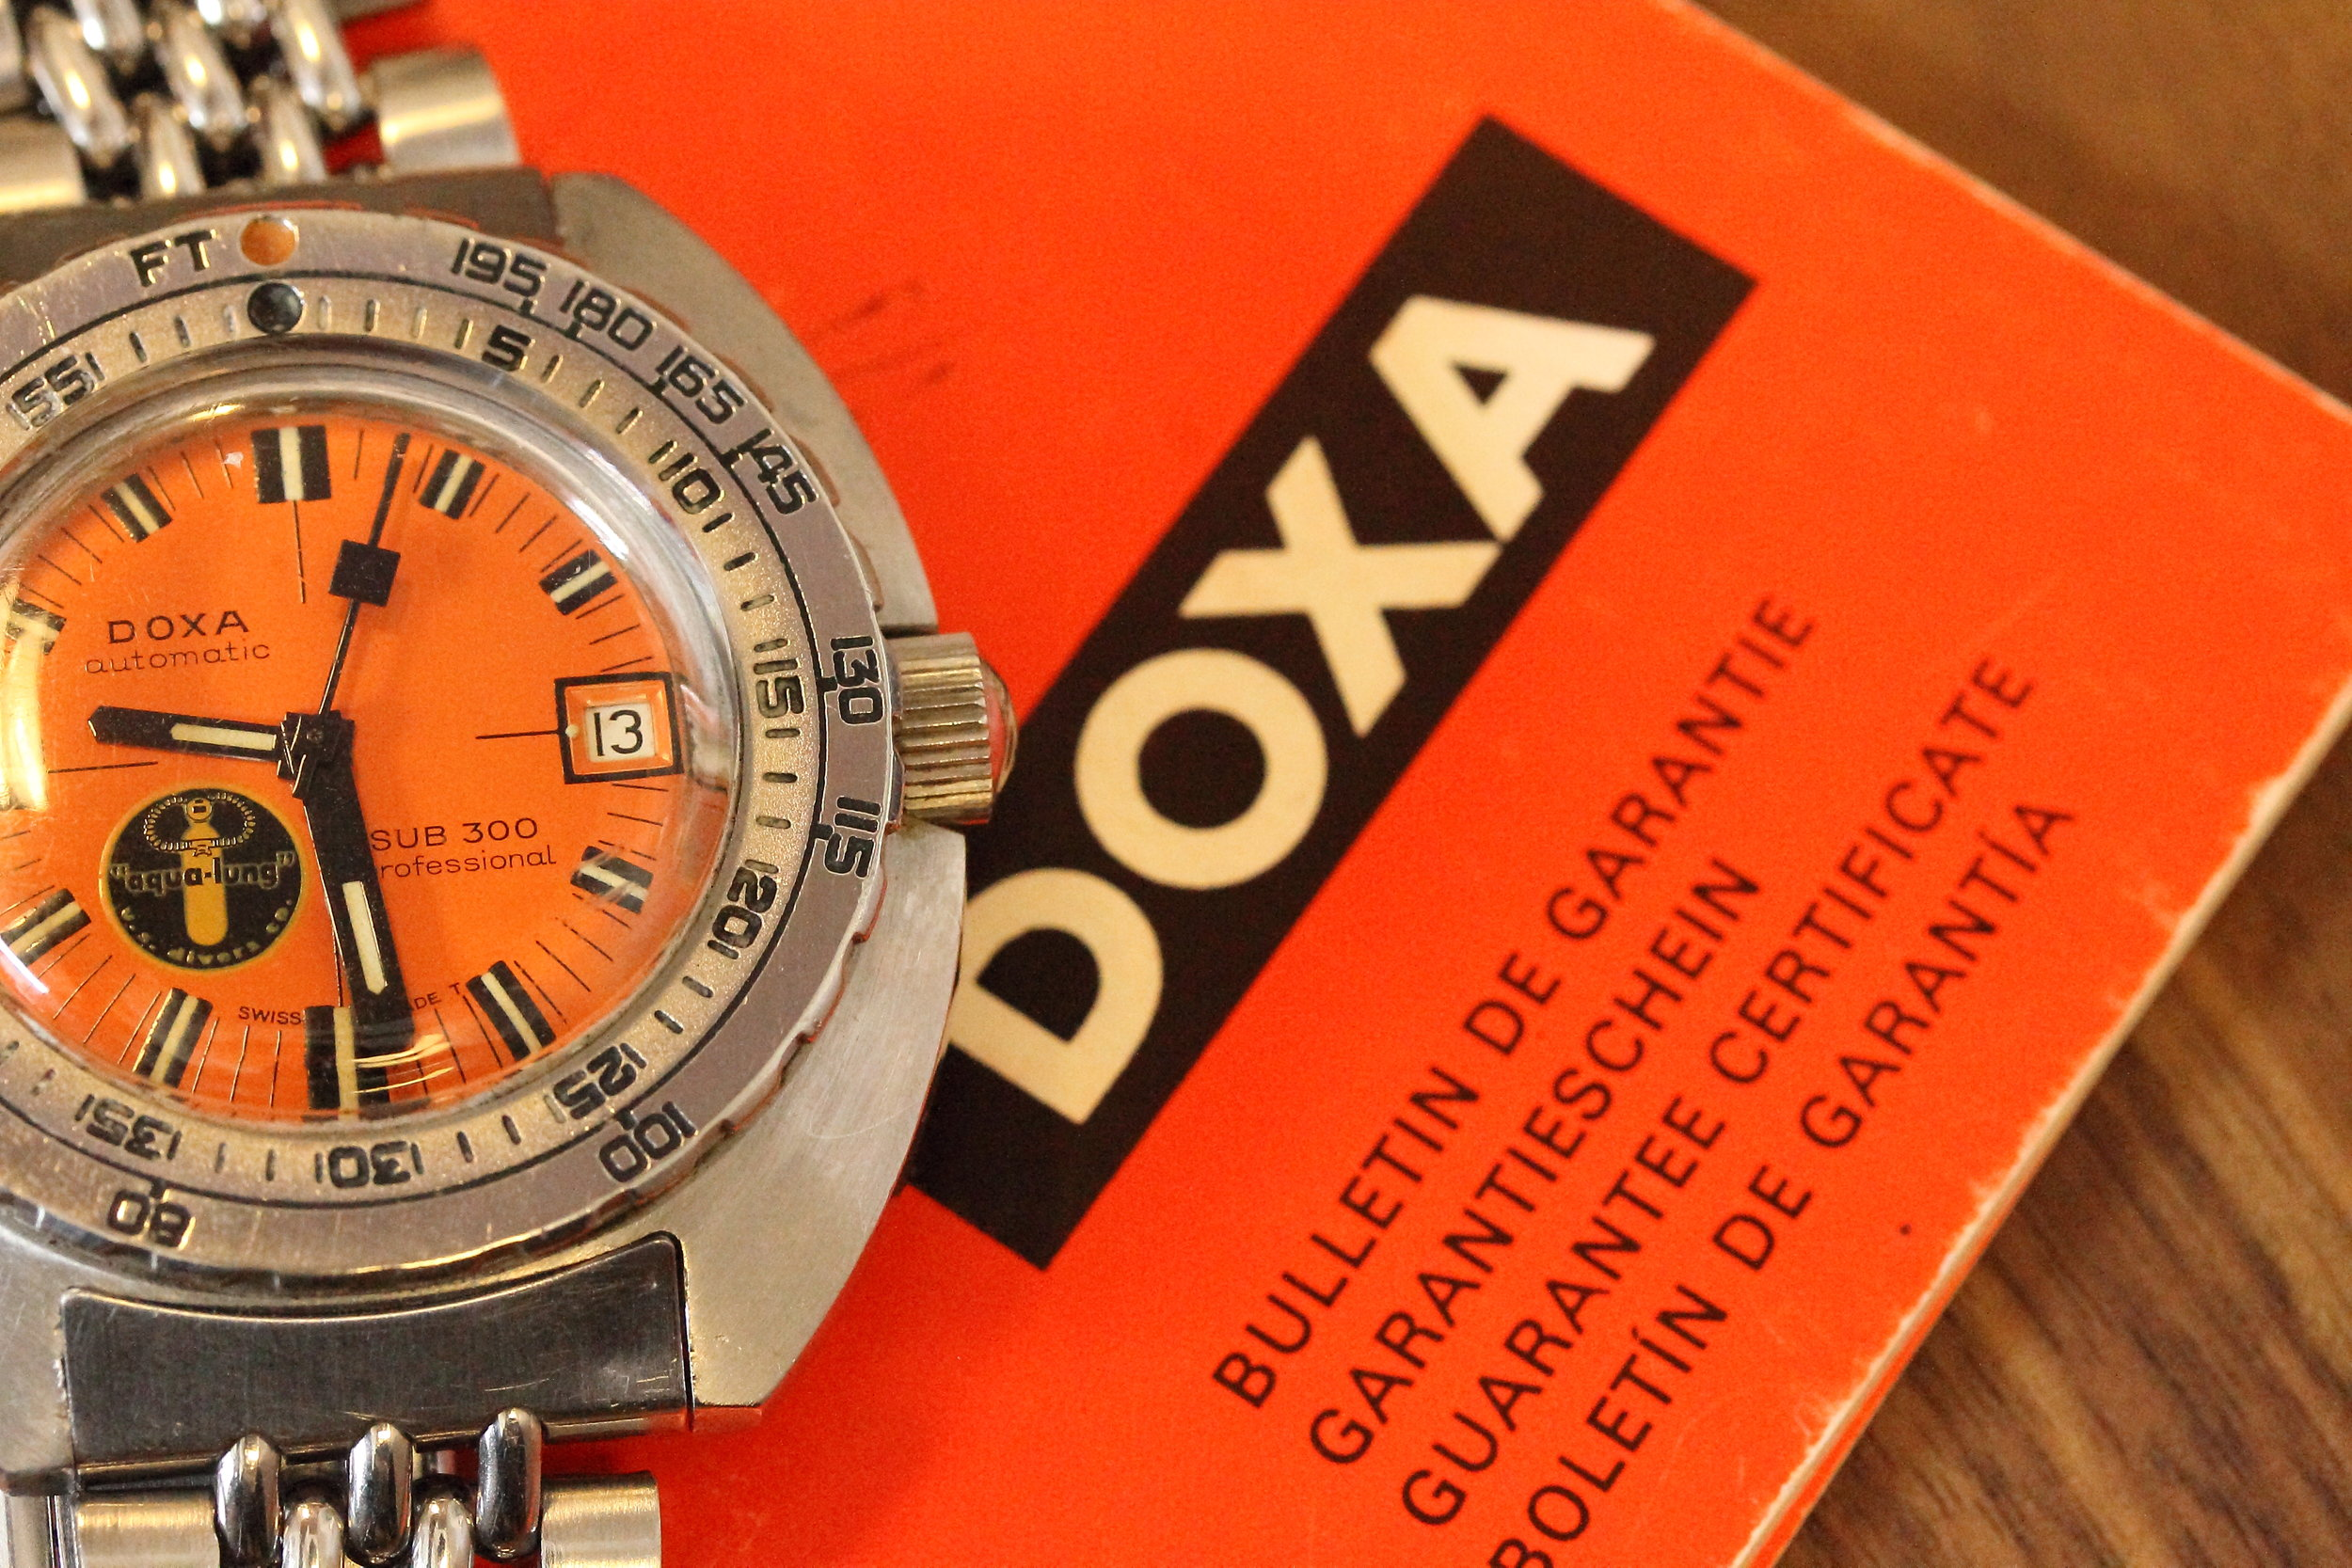 DOXA book